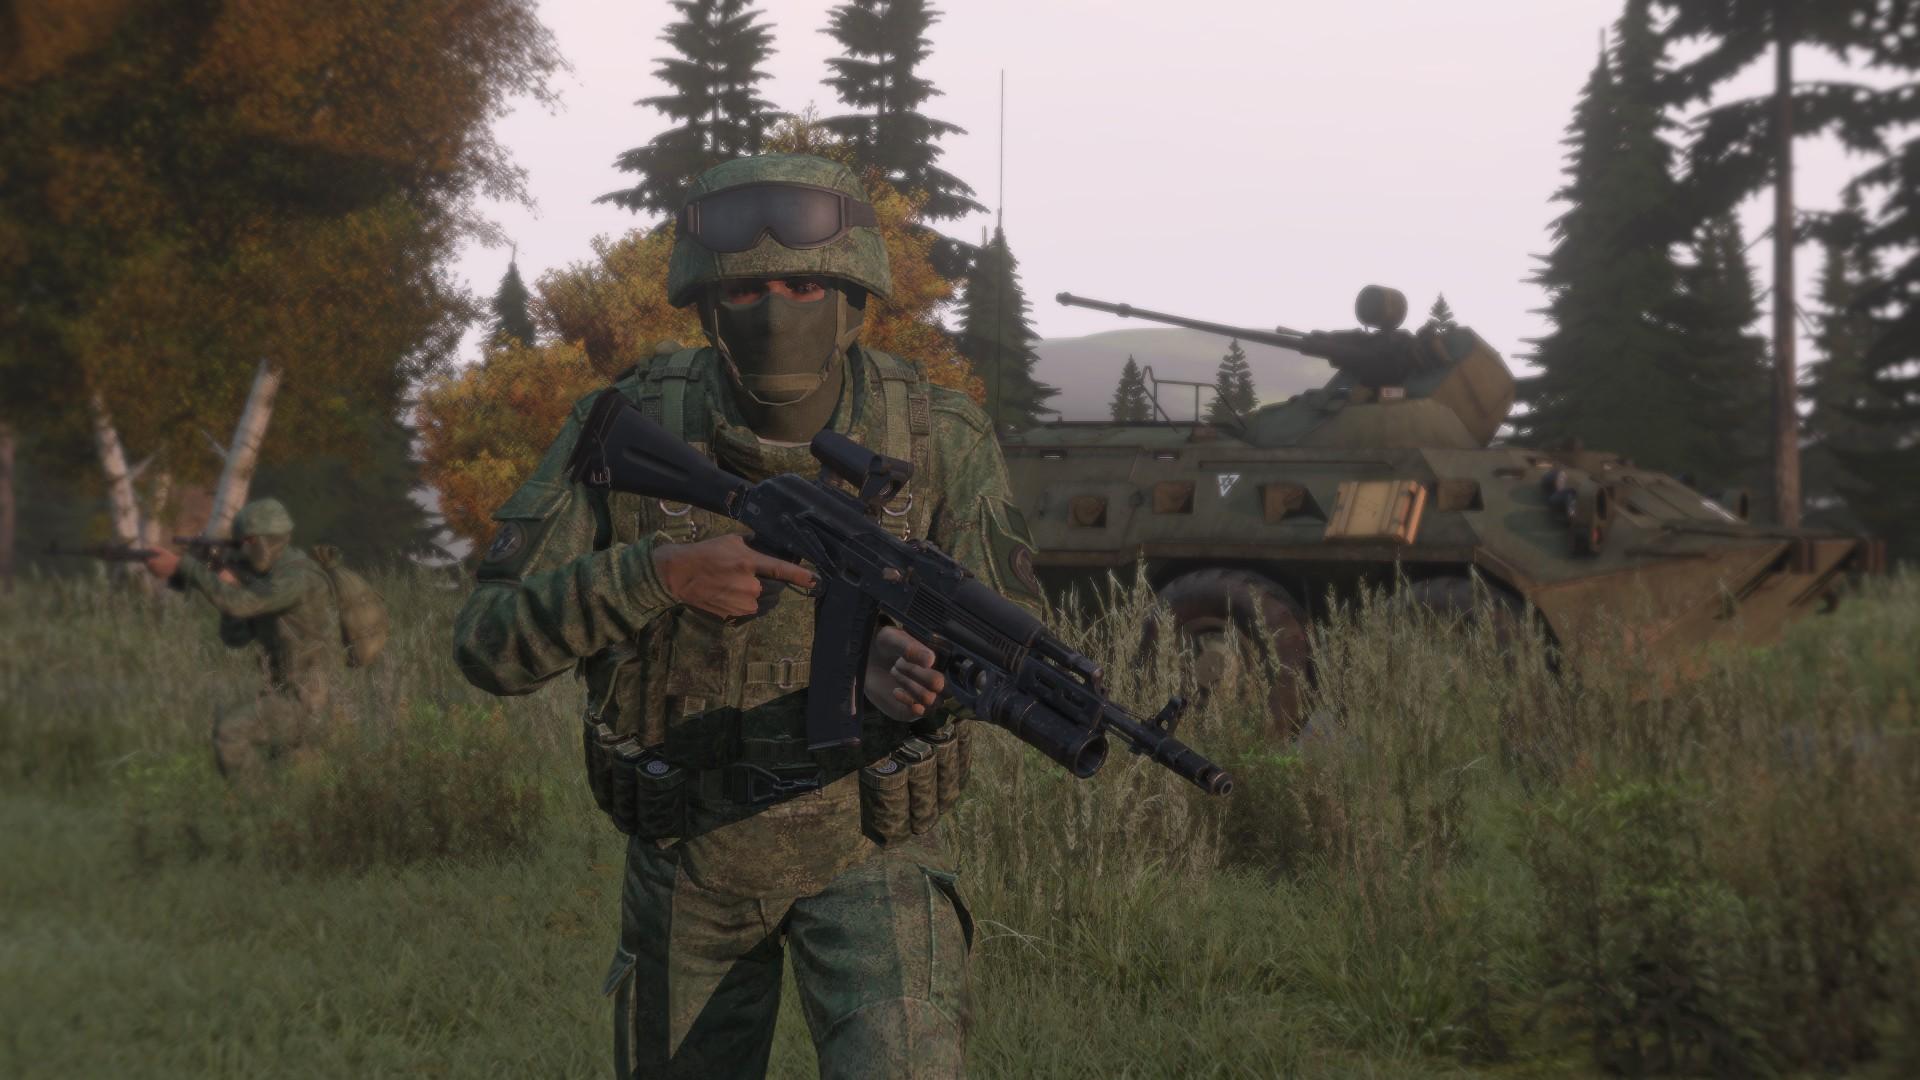 Meet The Winner - RHS: Escalation | Make Arma Not War